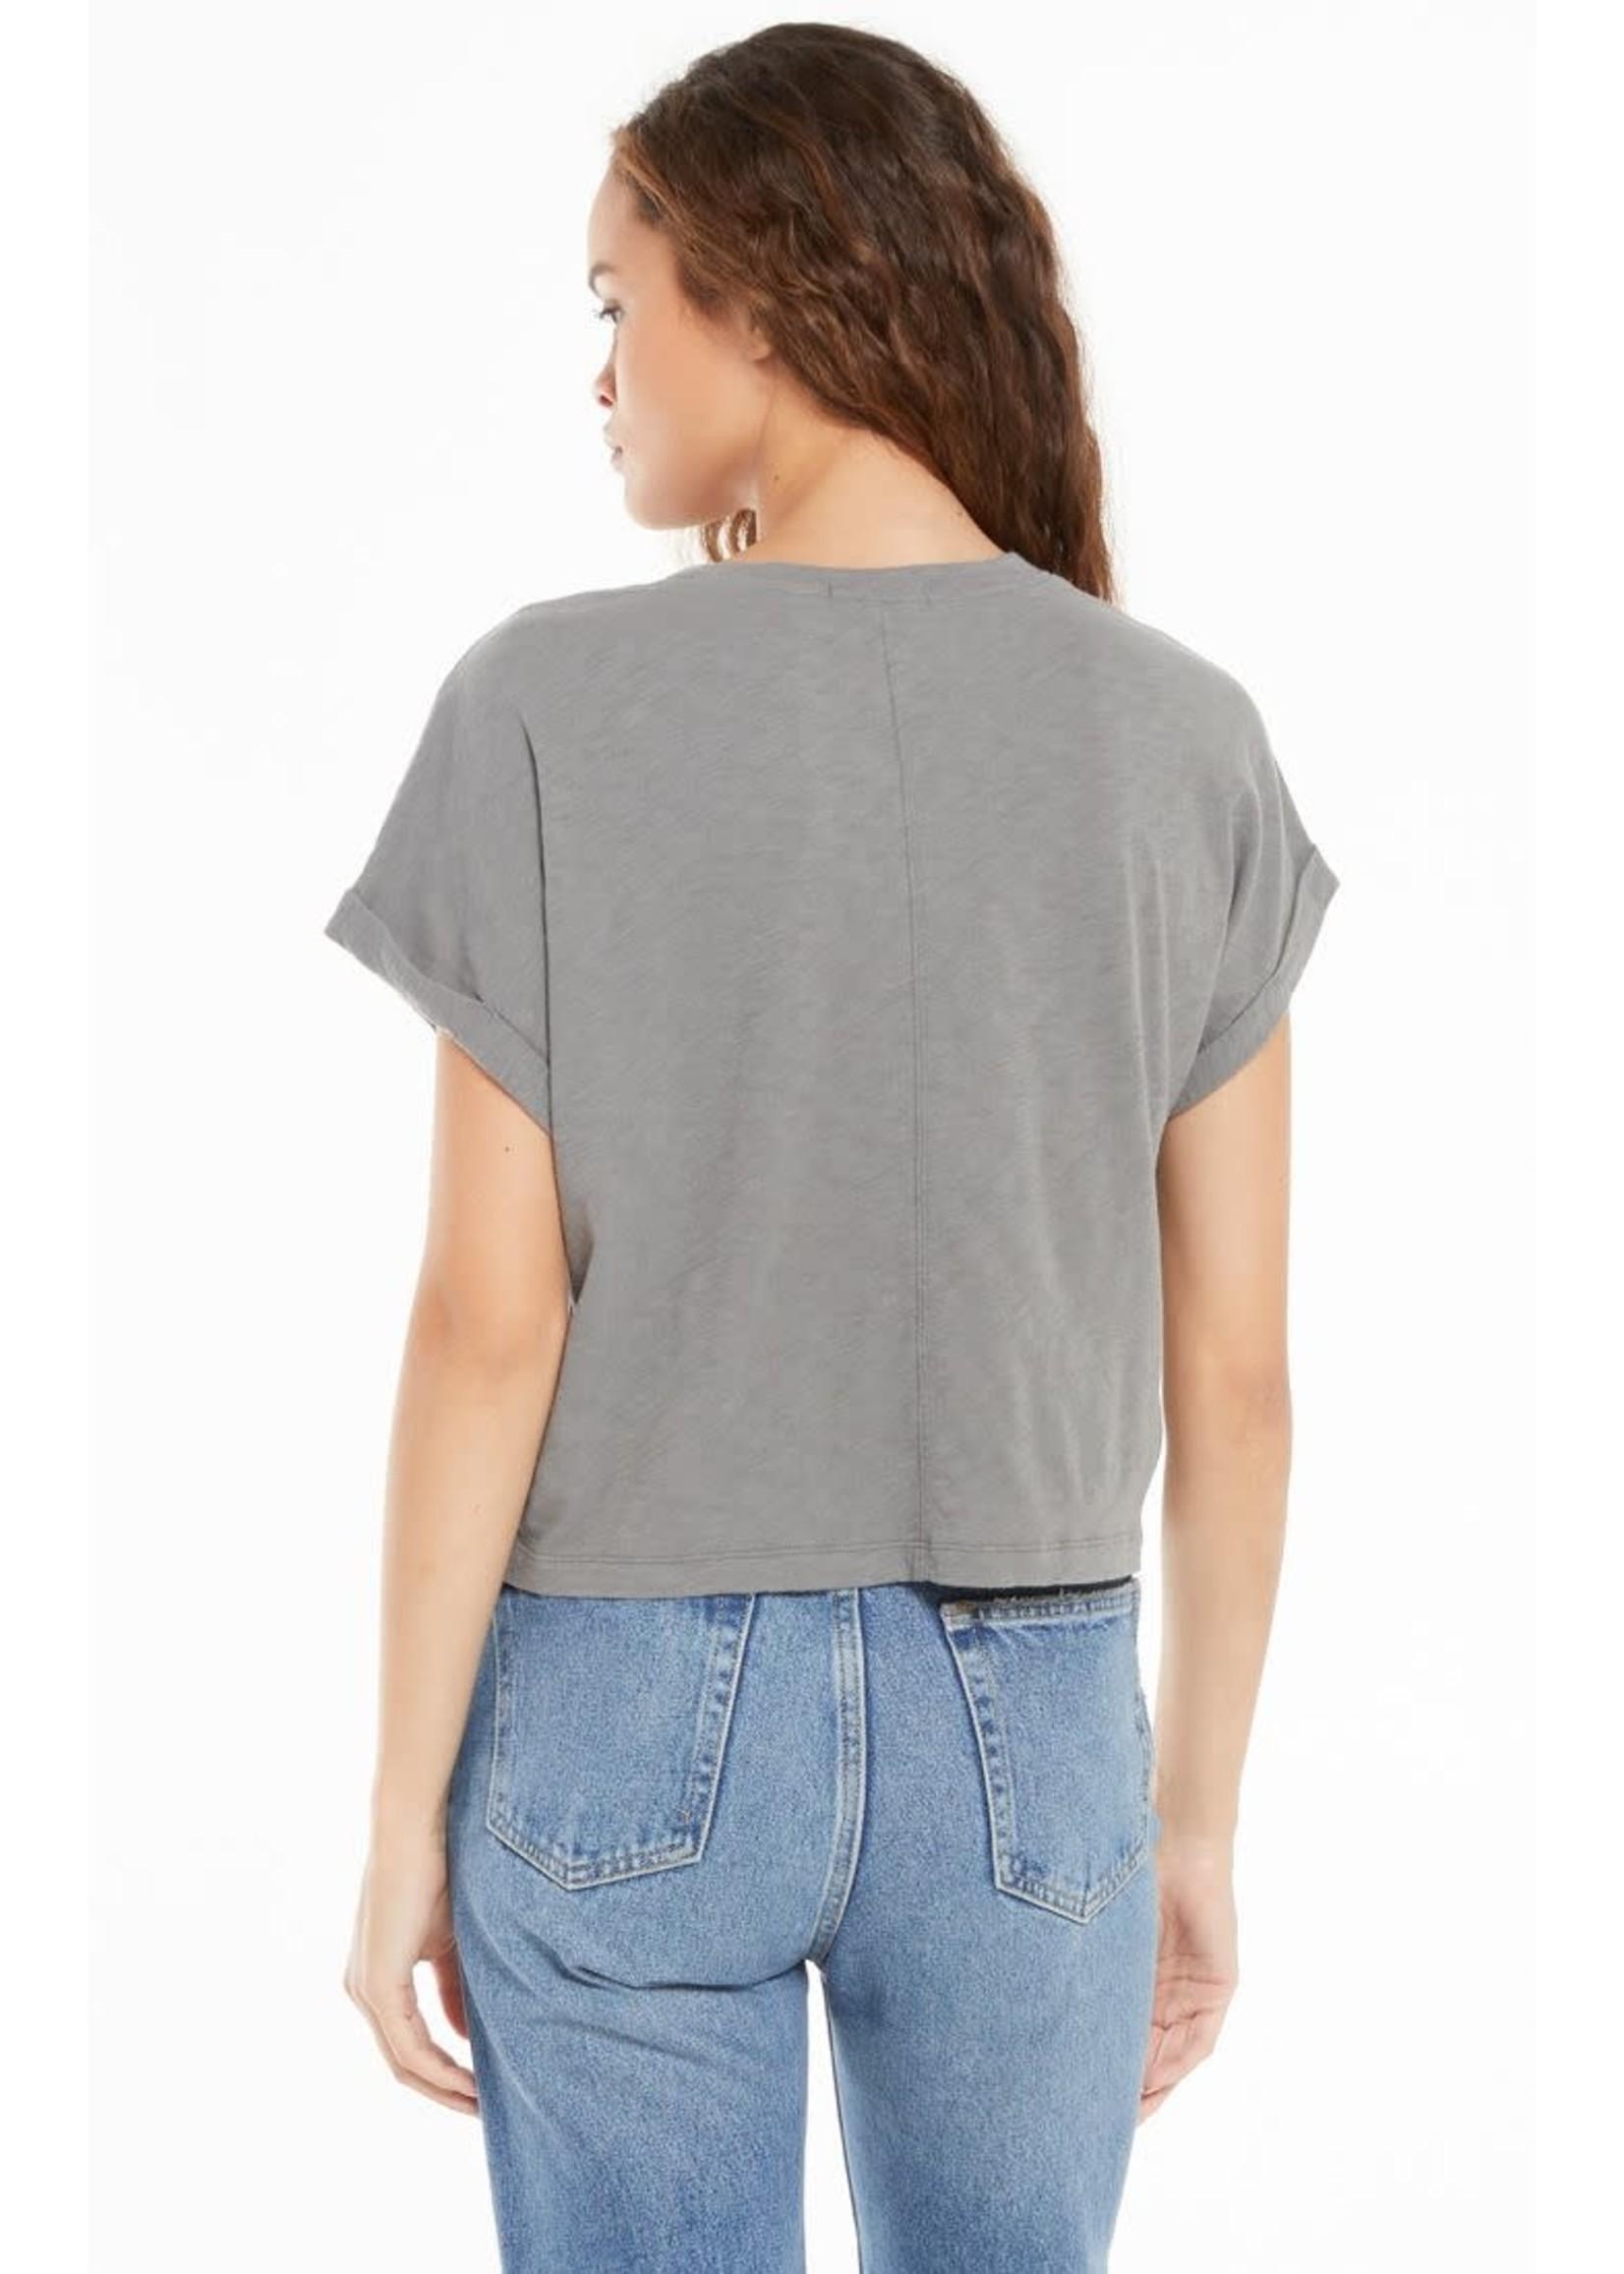 Z Supply Keely Slub Crewneck T-Shirt - ZT212778